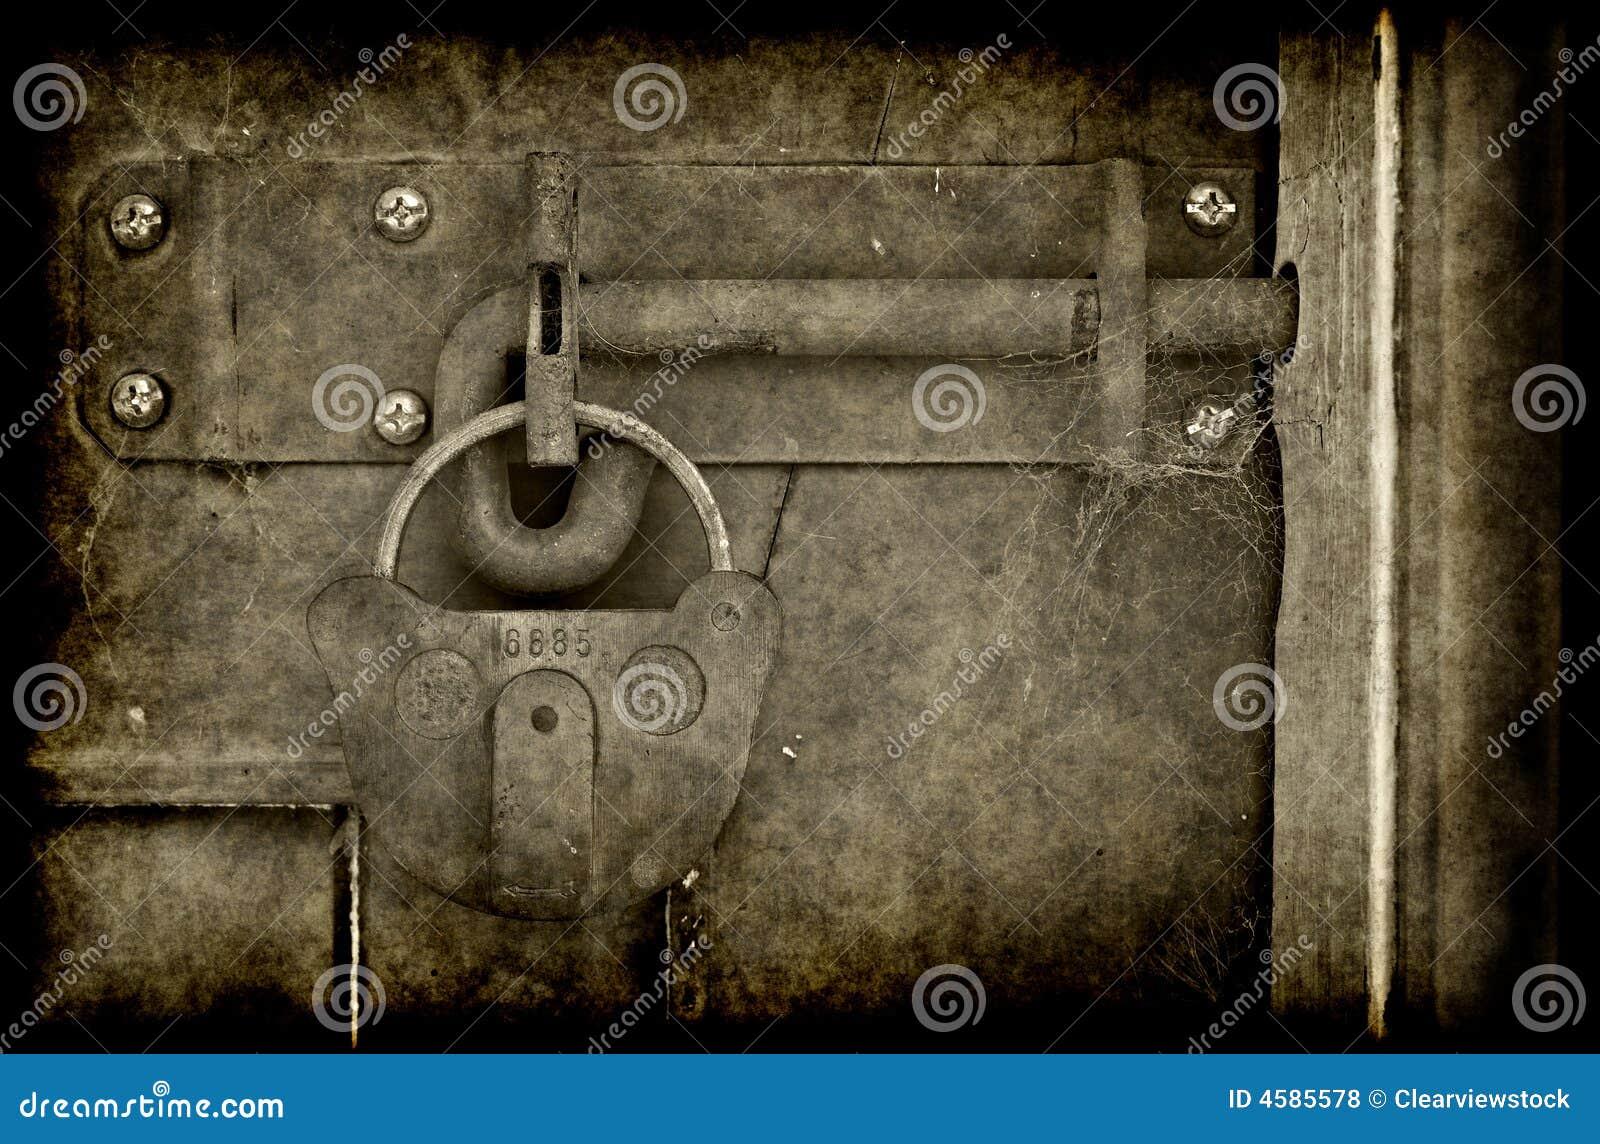 Verschlossene tür  Alte Verschlossene Tür Im Grunge Lizenzfreie Stockfotos - Bild ...